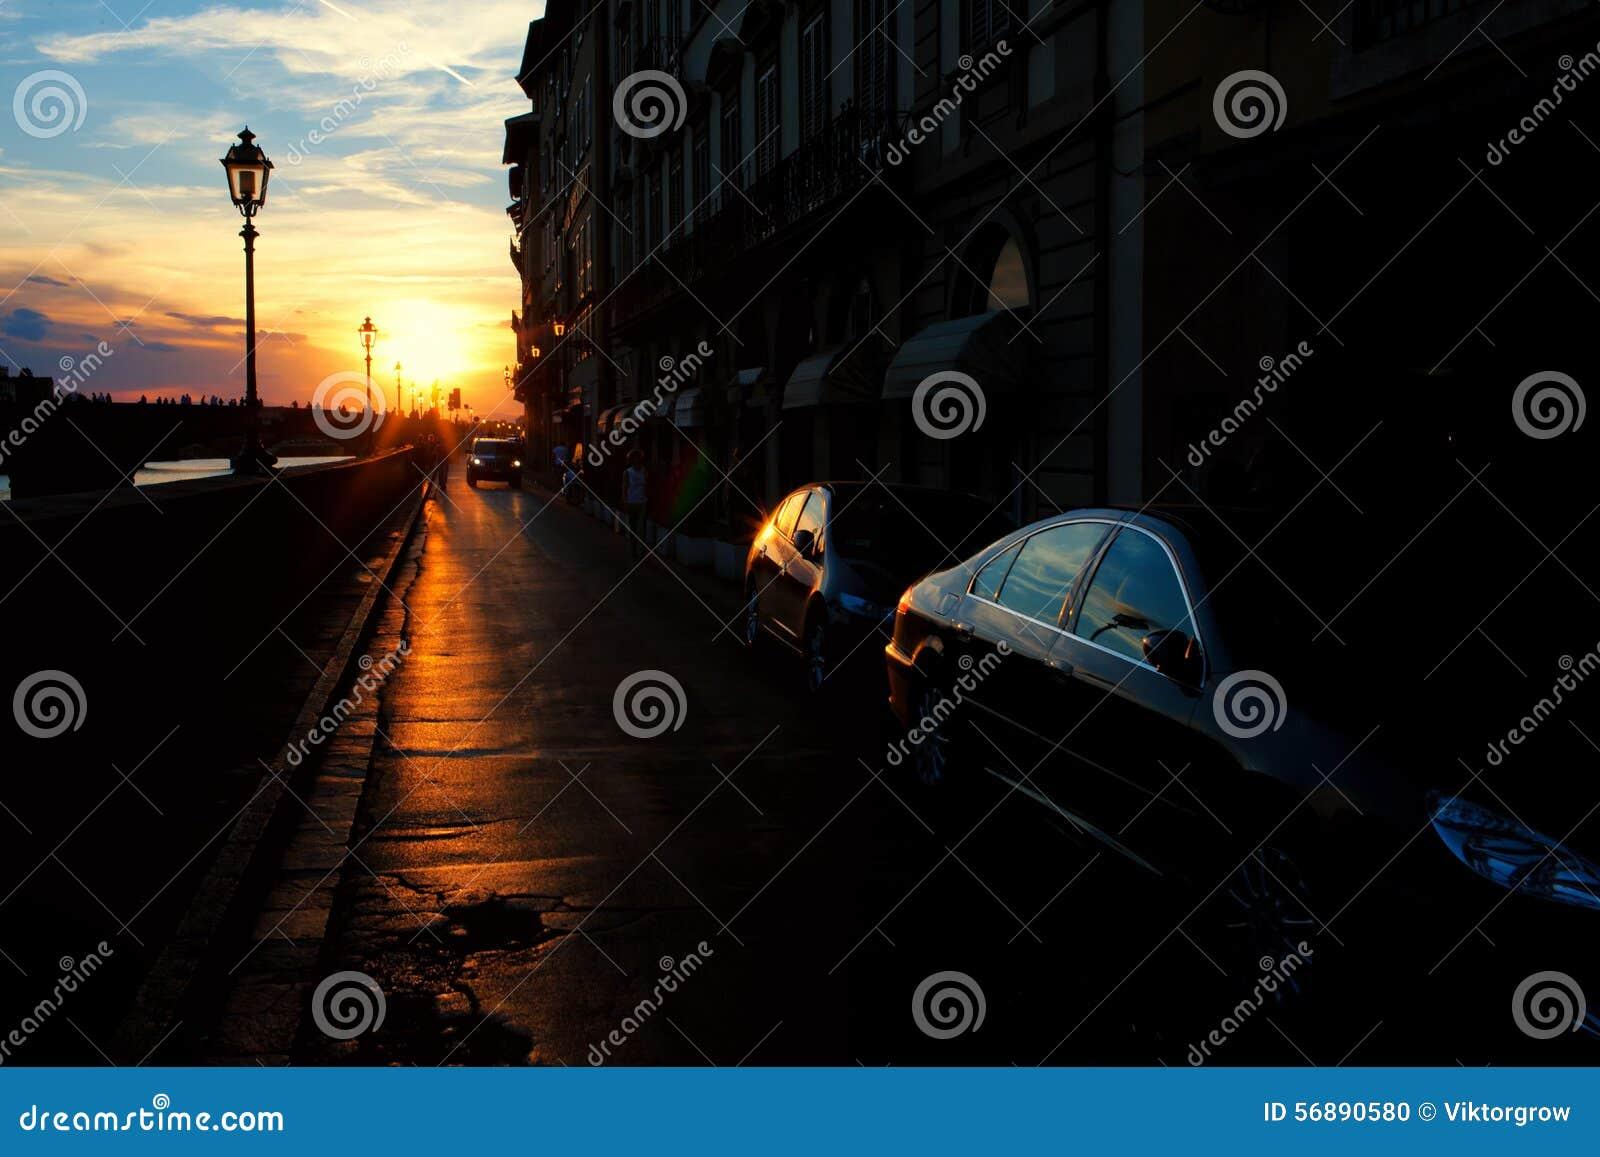 Via di Firenze con le riflessioni sulle macchine al tramonto